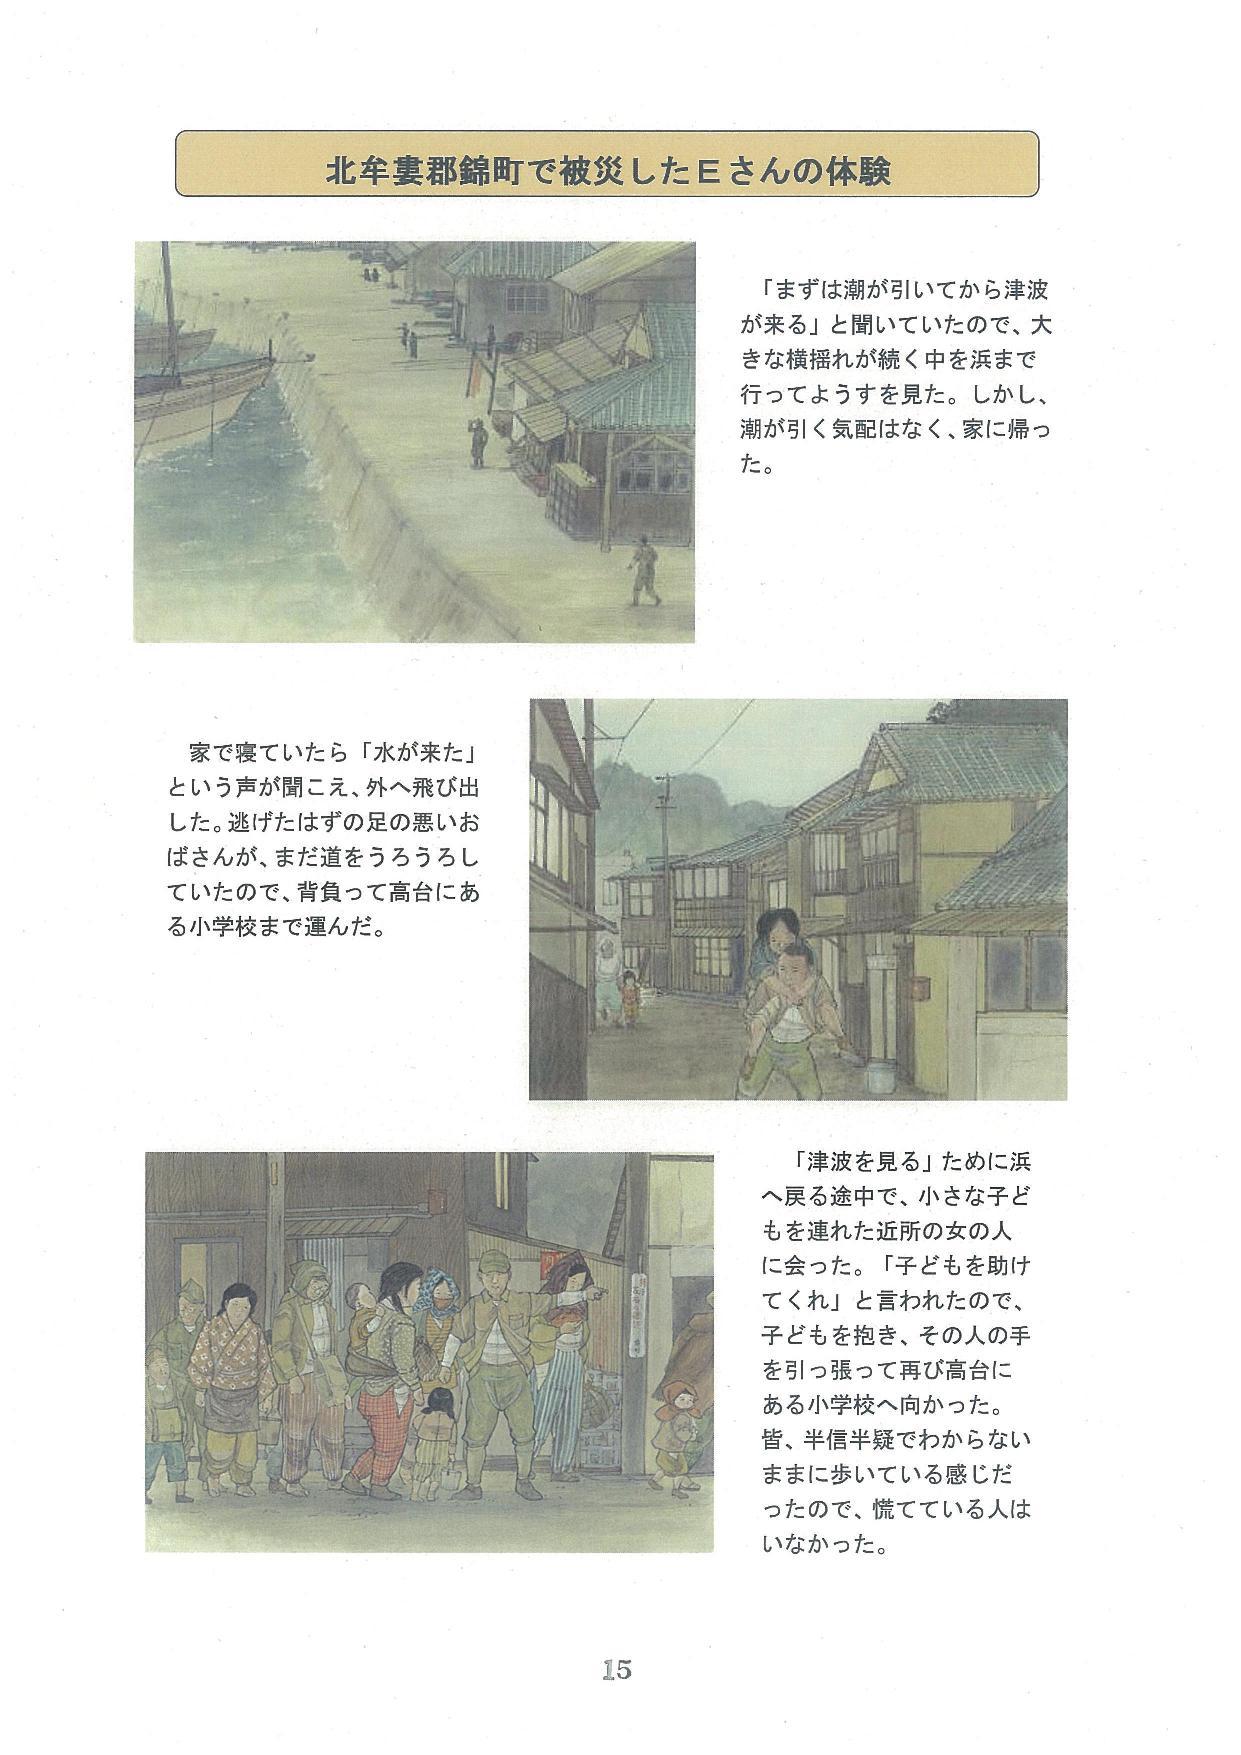 20171208-02_ページ_15